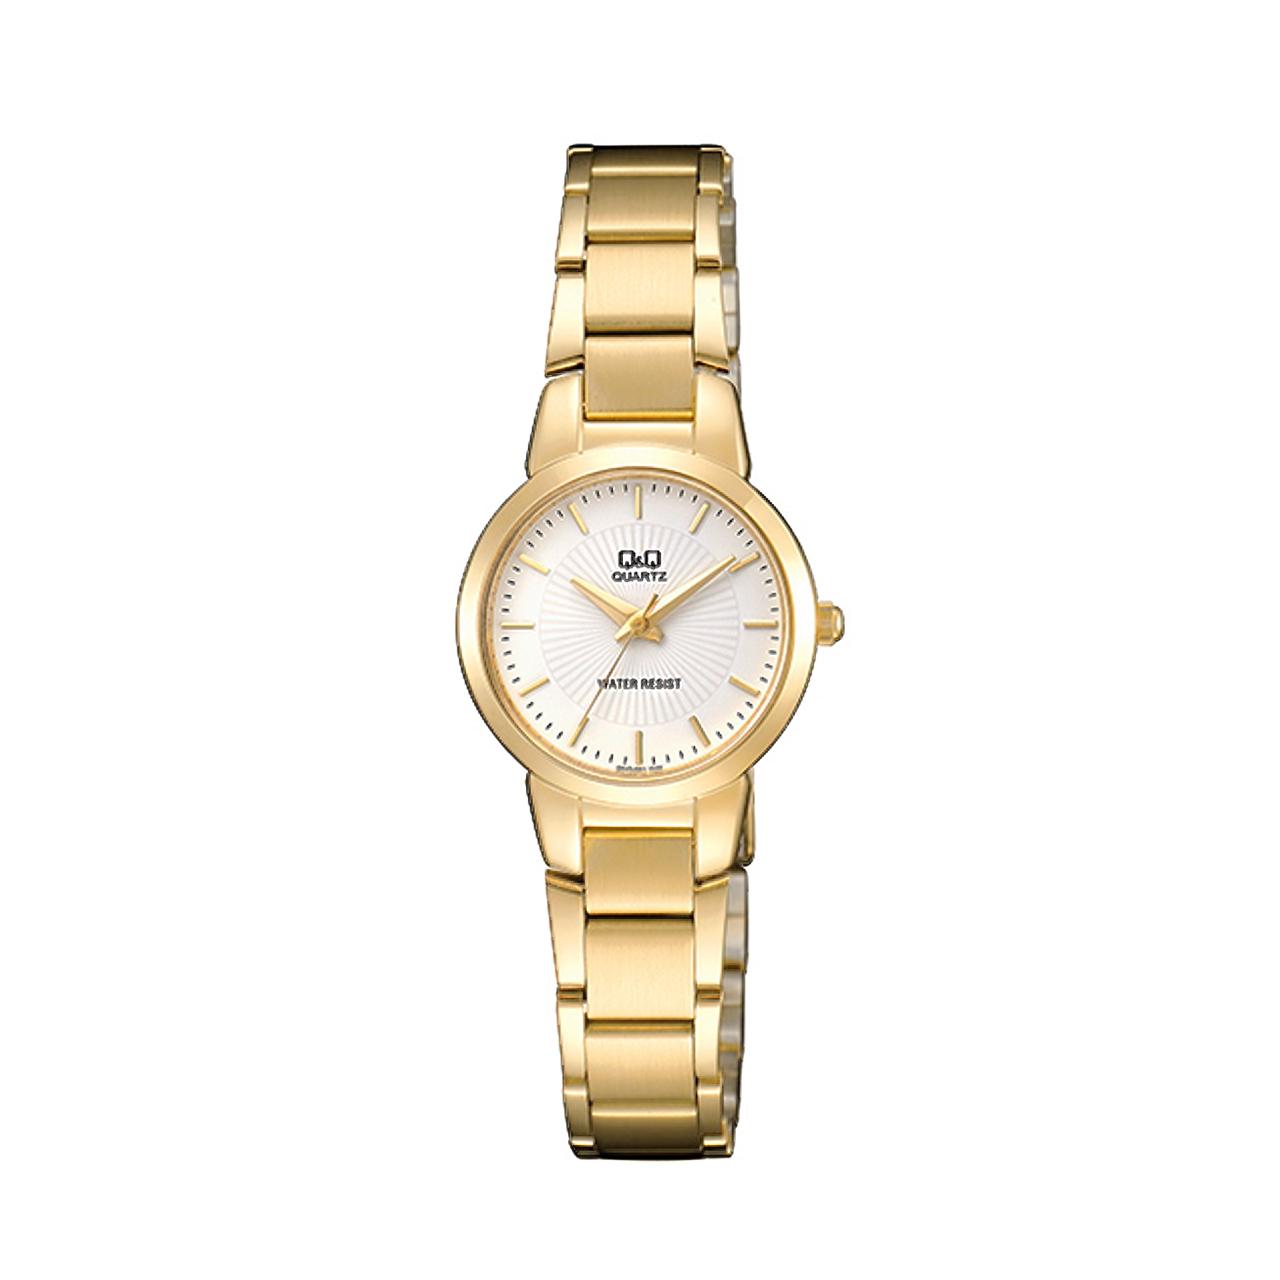 ساعت مچی عقربه ای زنانه کیو اند کیو مدلQA43J001Y به همراه دستمال مخصوص برند کلین واچ